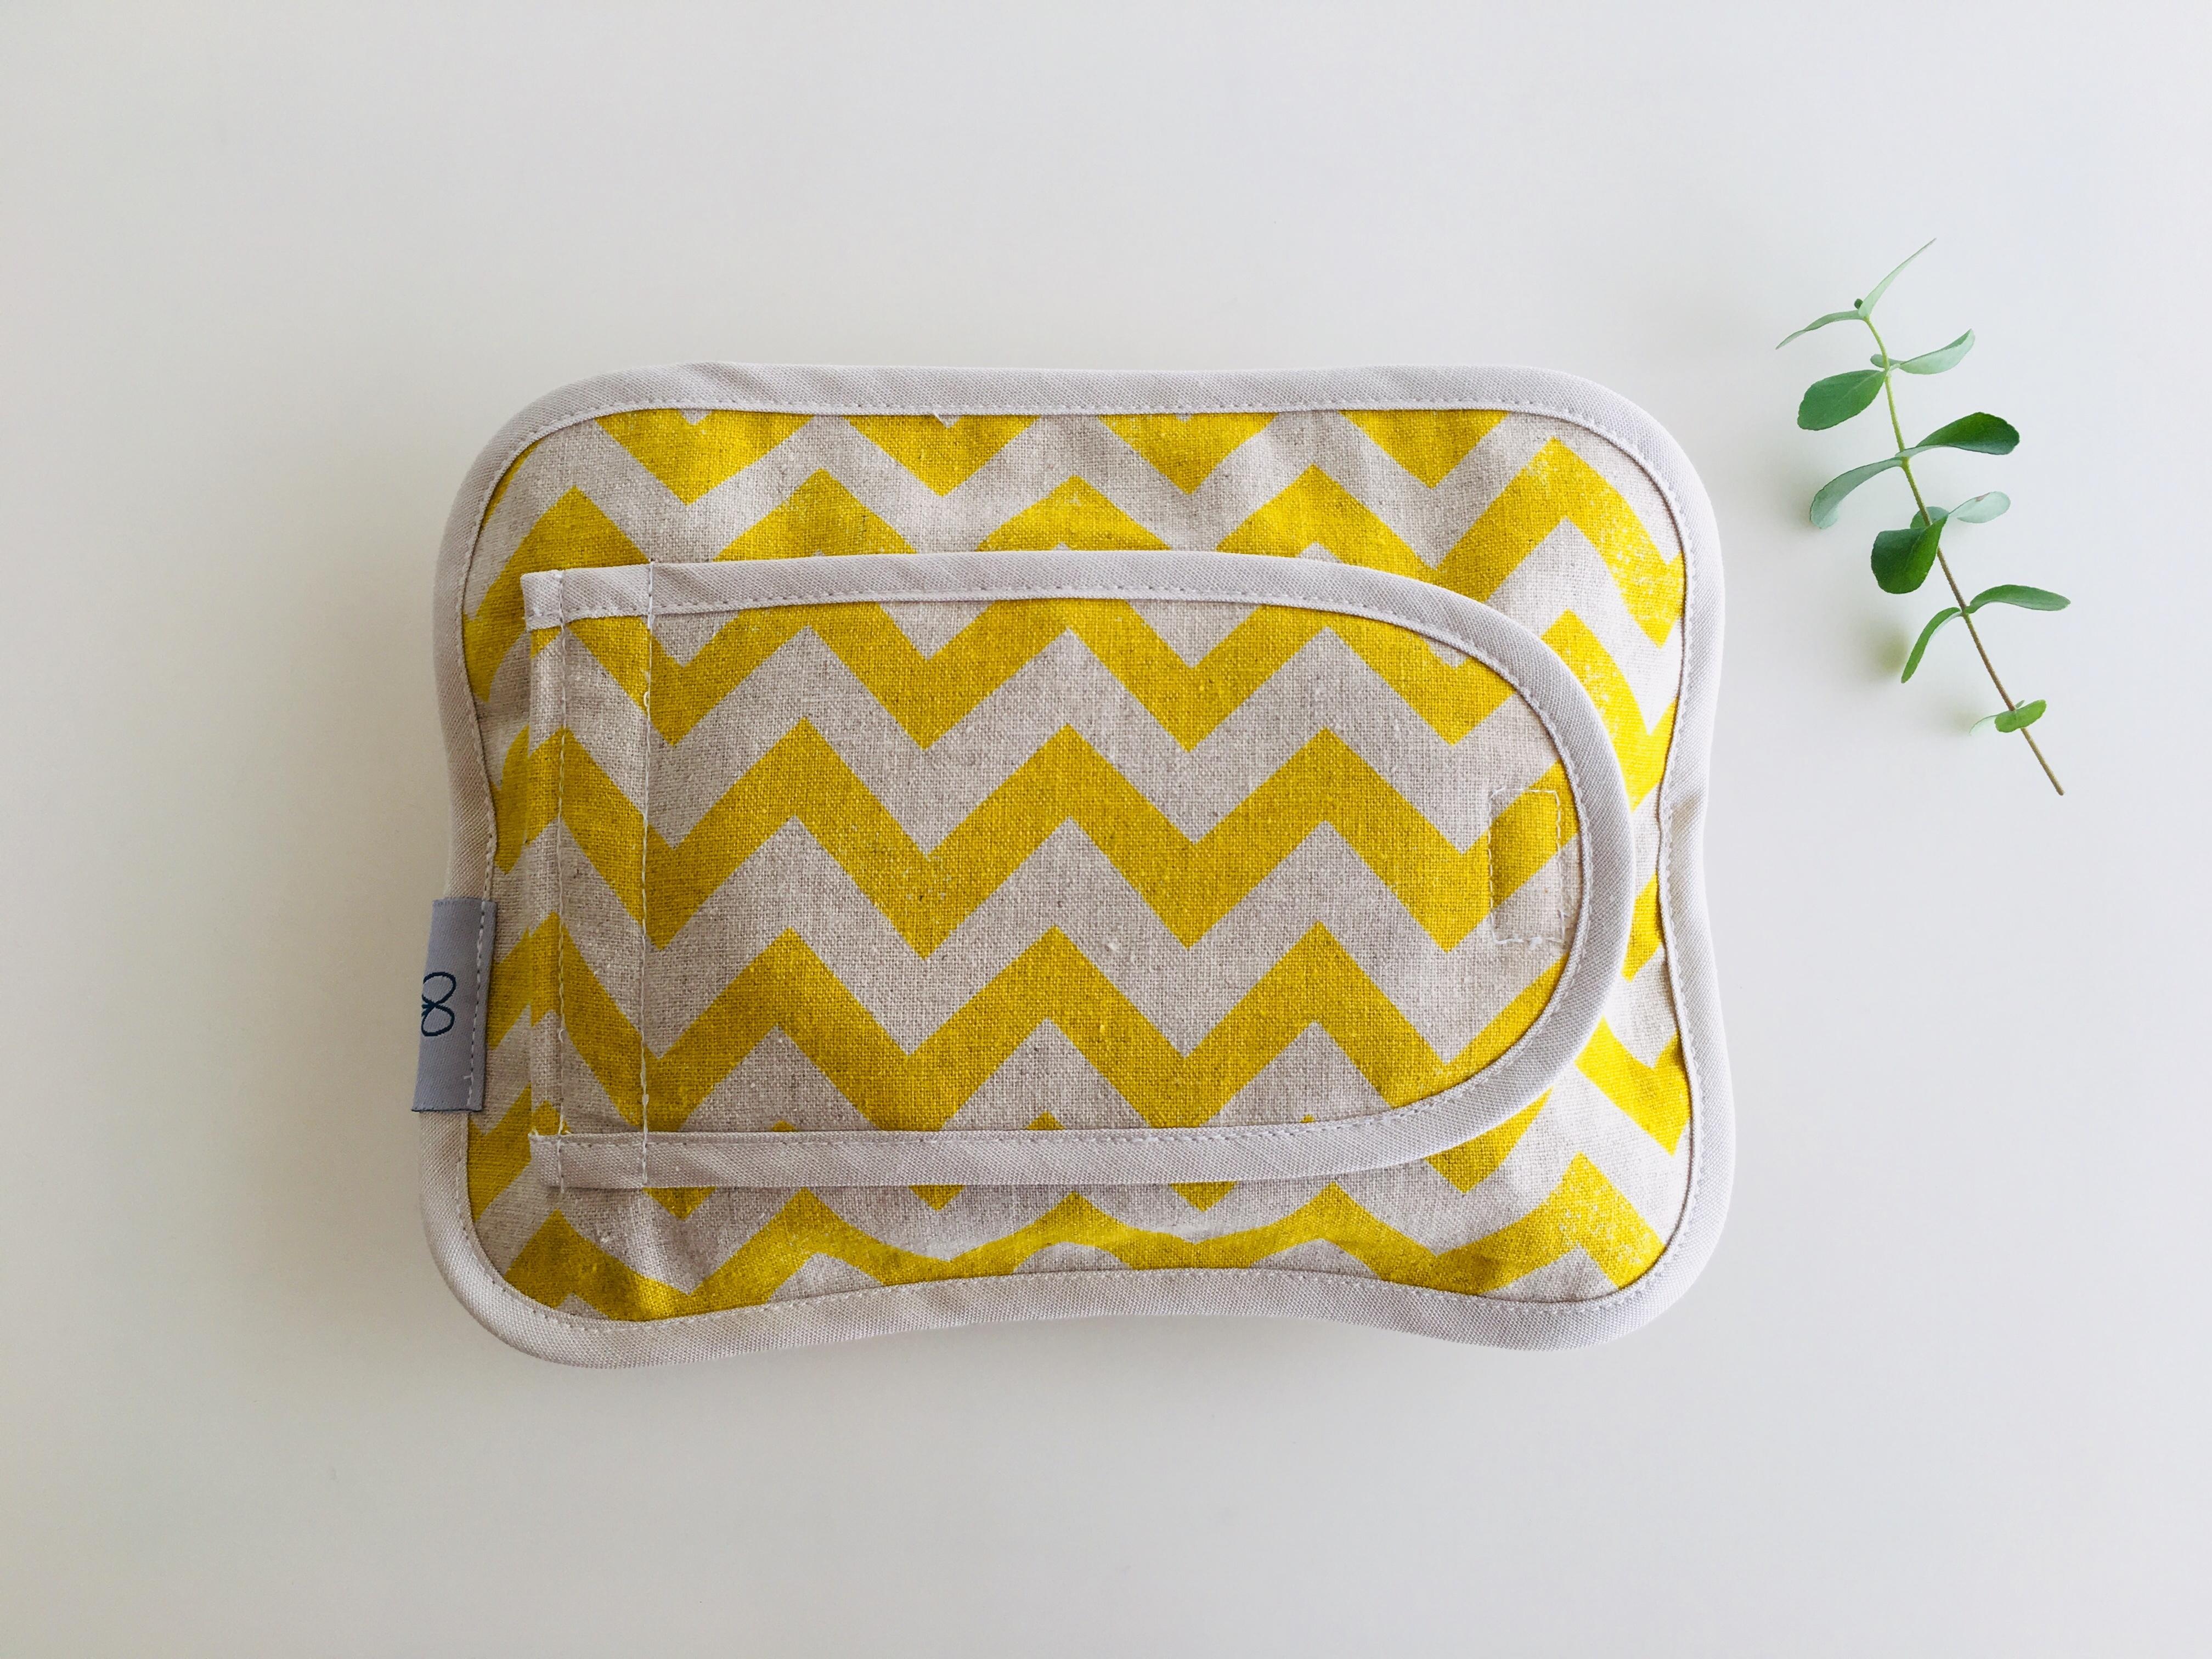 布製おしりふきケース麻・黄色のギザギザ